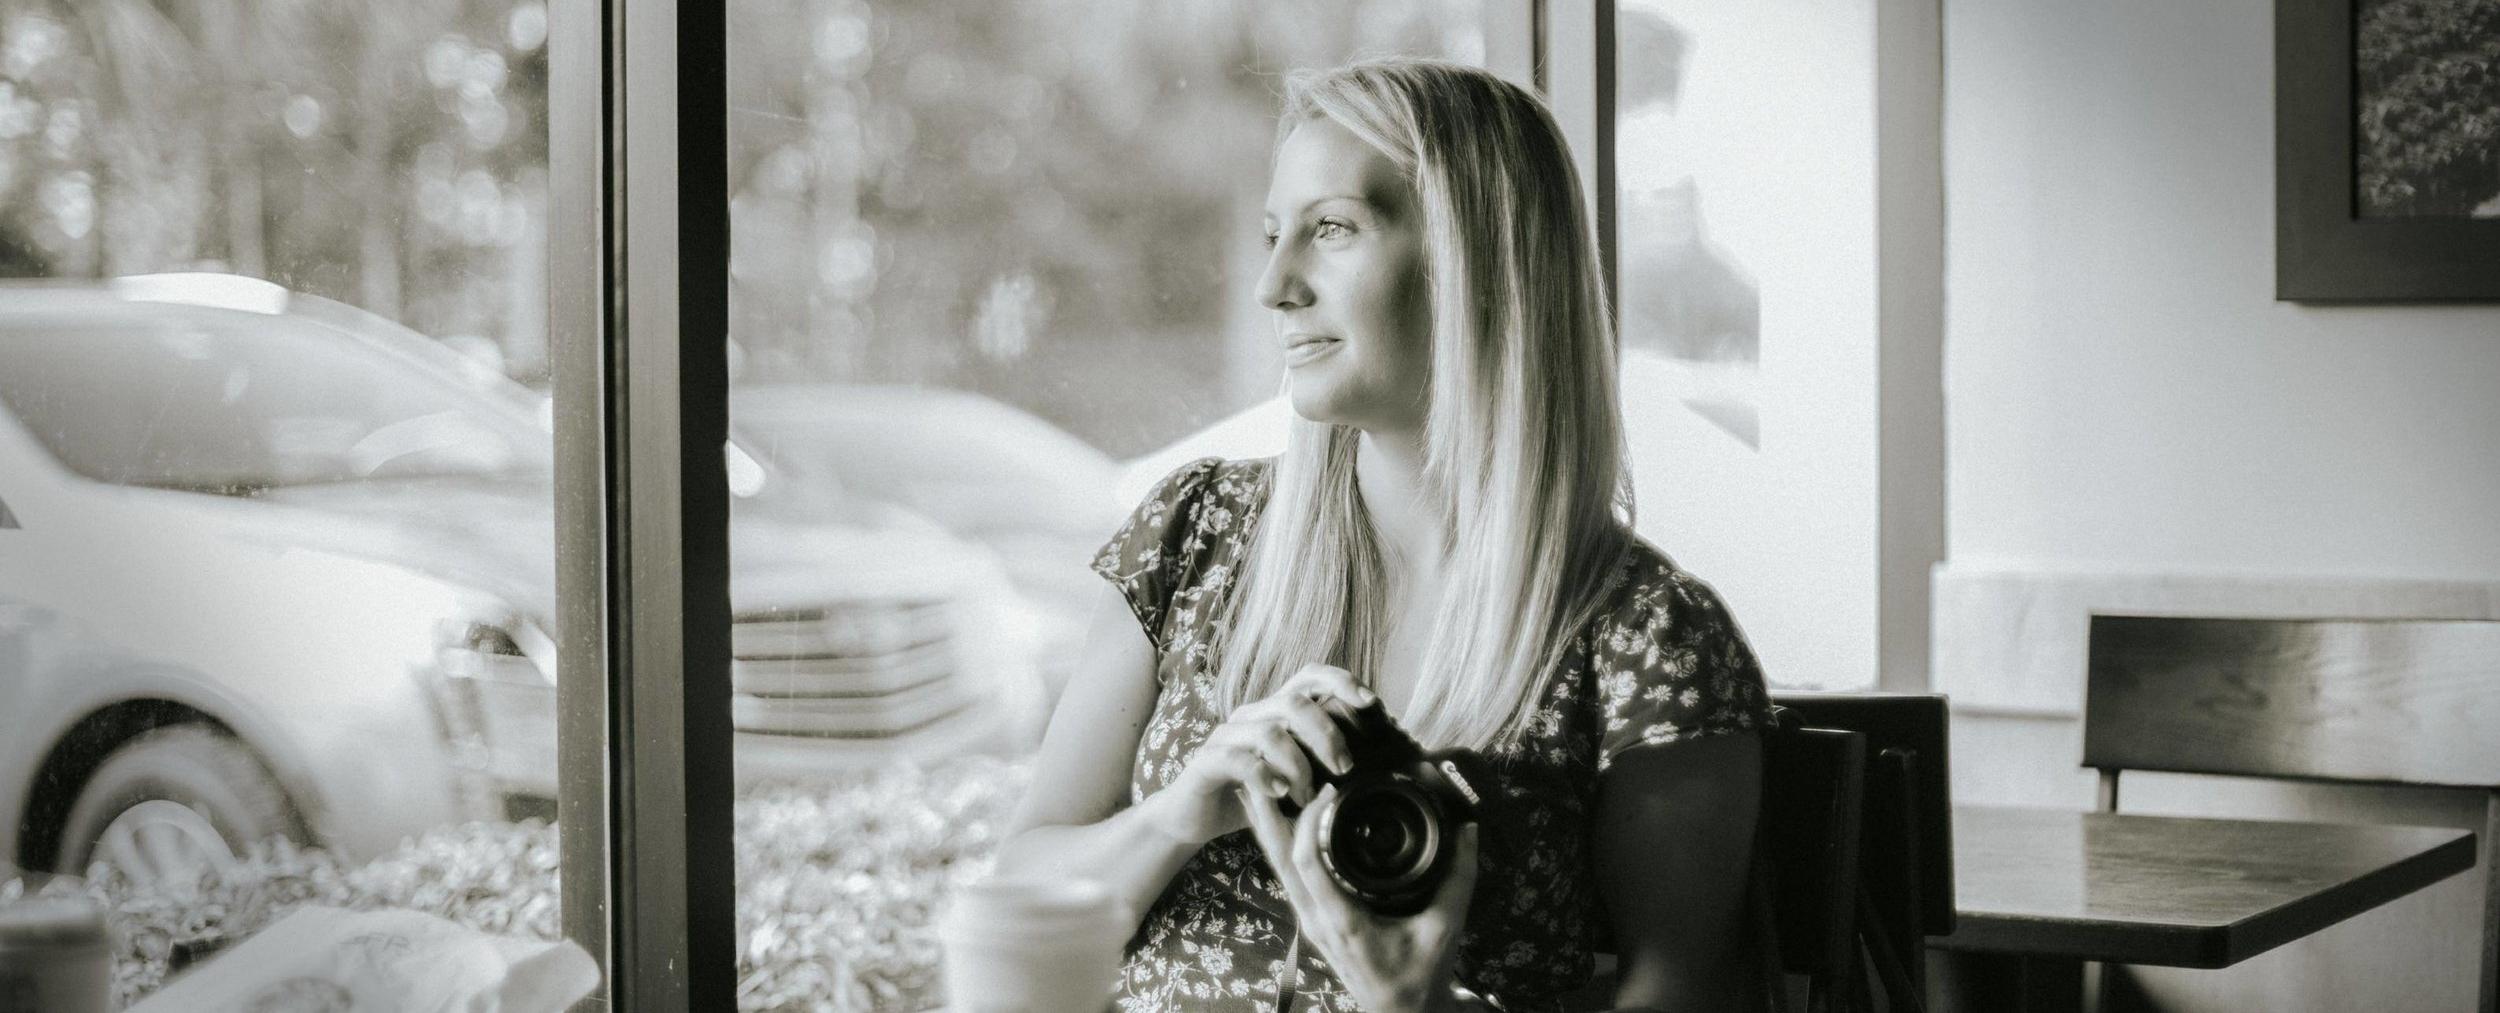 Newborn Lifestyle Photographer in Boynton Beach.jpg